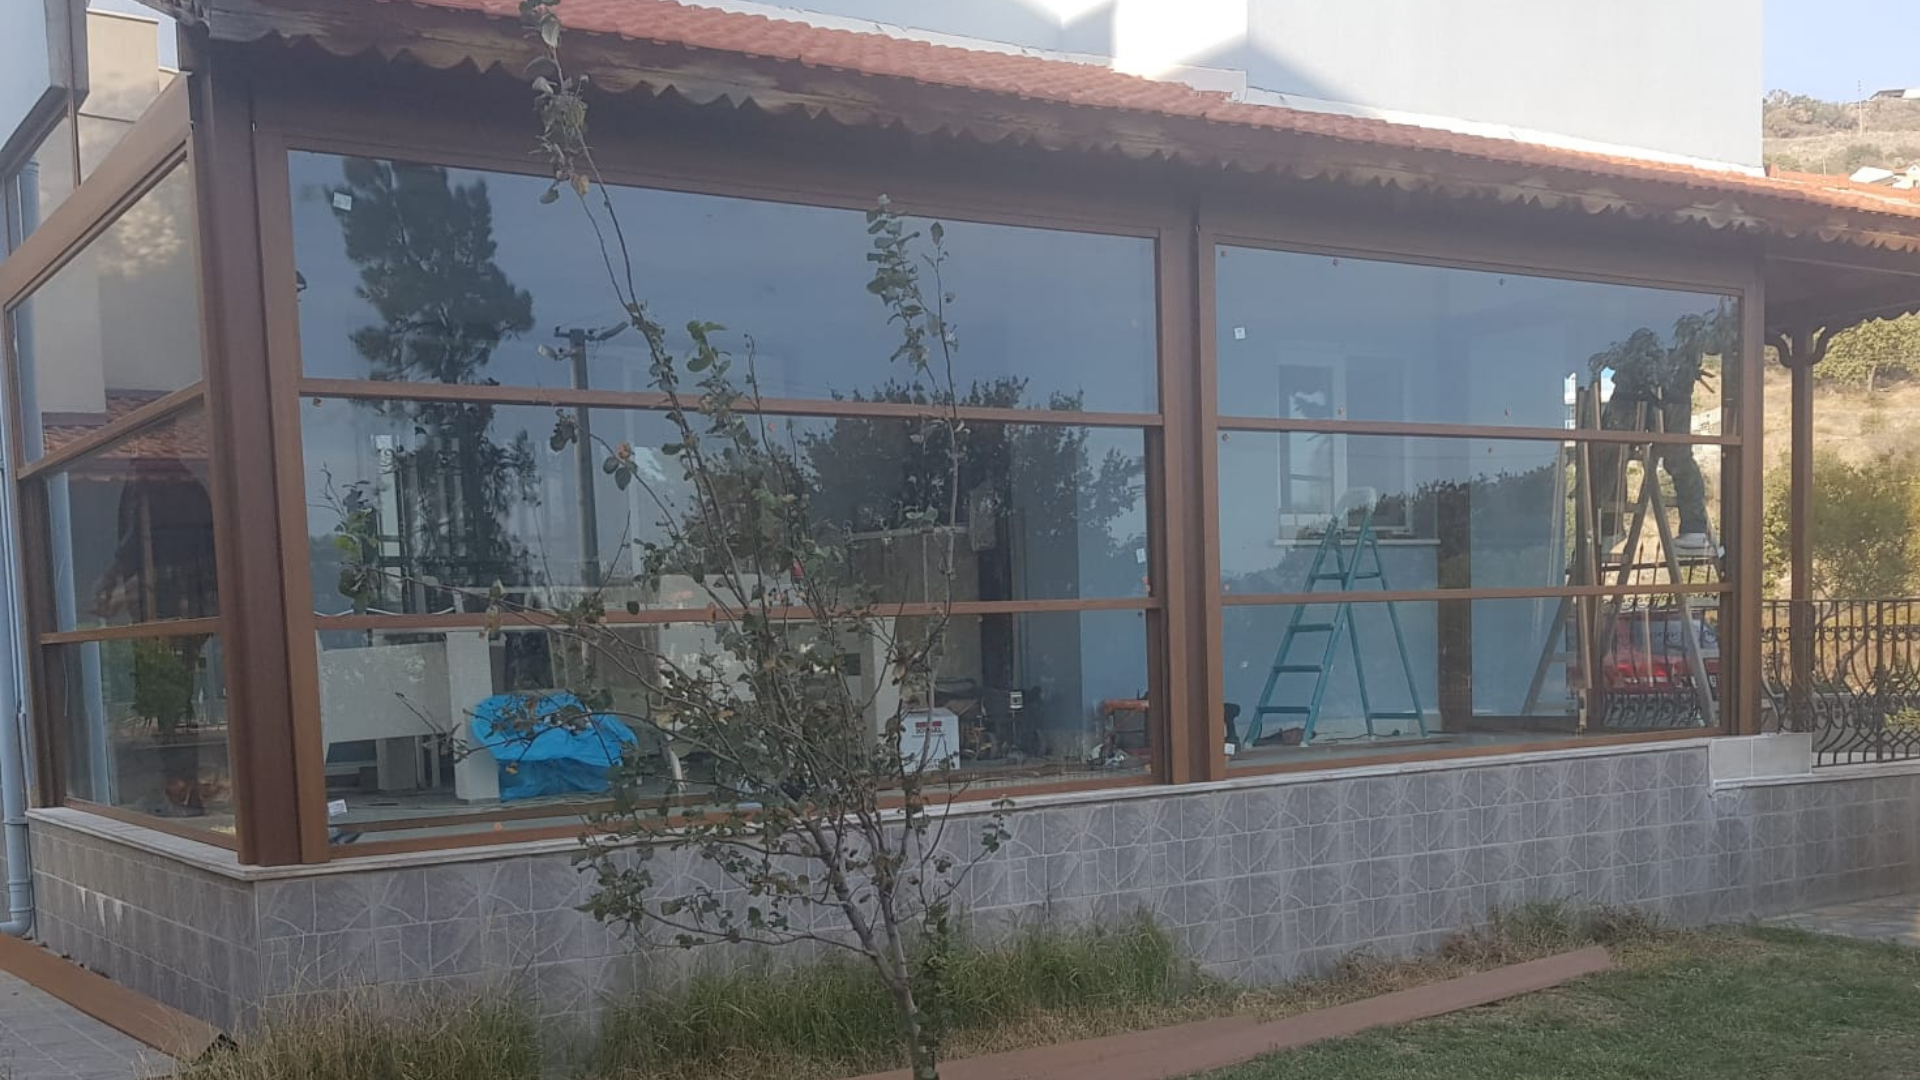 Giyotin camlı kış bahçesi İzmir